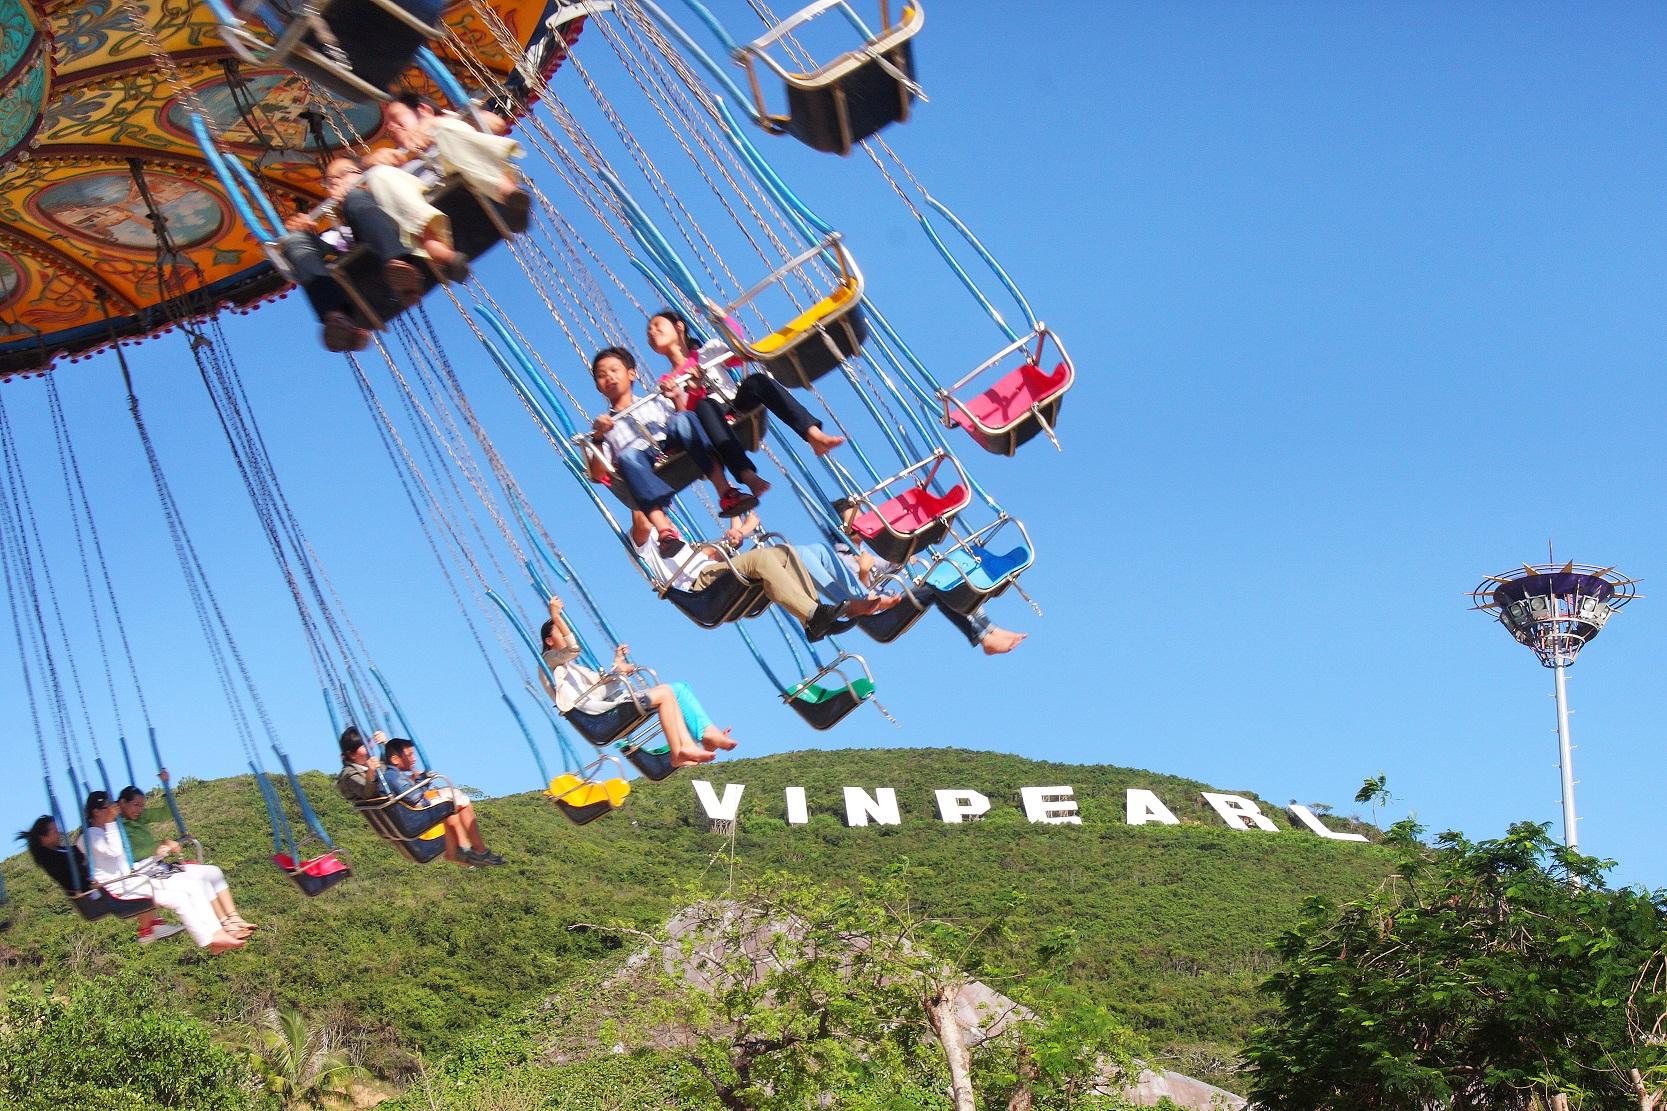 Остров Винперл во Вьетнаме или как провести незабываемый день